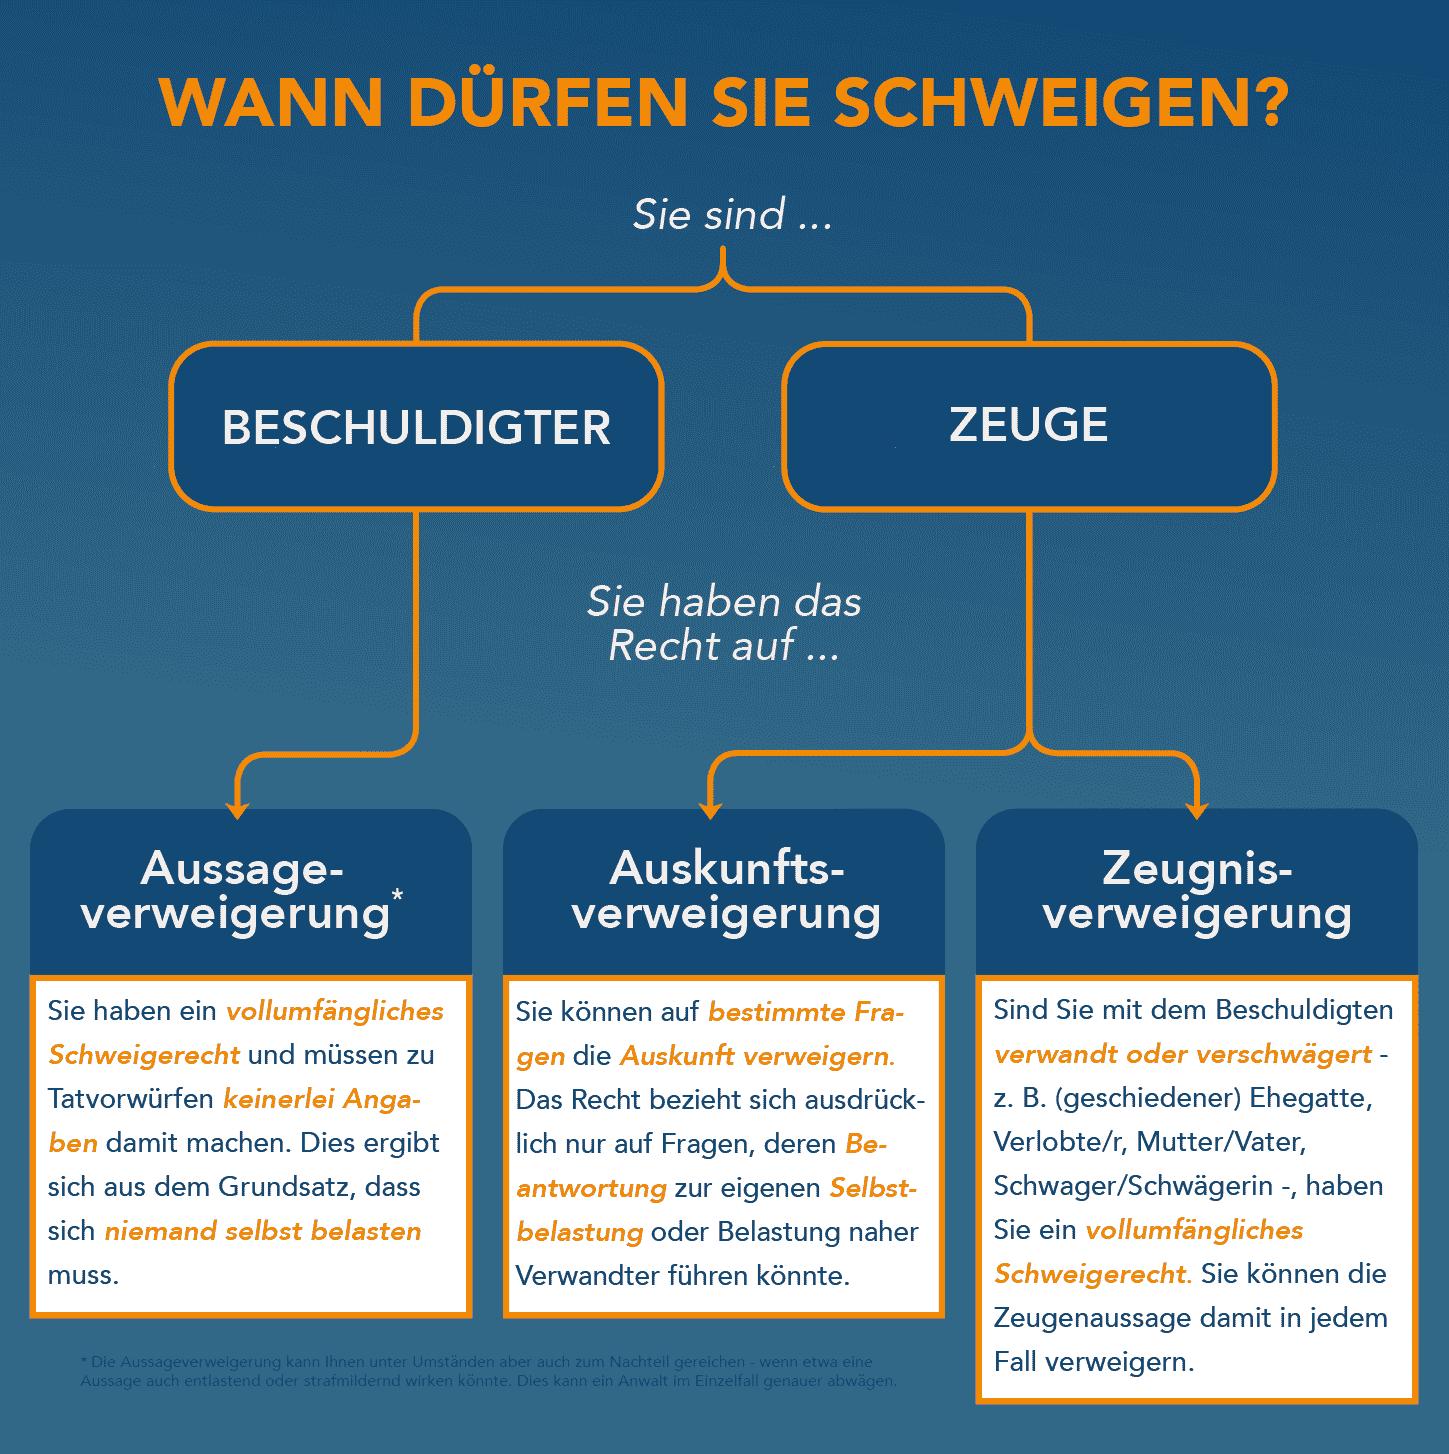 Infografik zur Unterscheidung von Zeugnisverweigerungsrecht, Aussageverweigerungsrecht und Auskunftsverweigerungsrecht